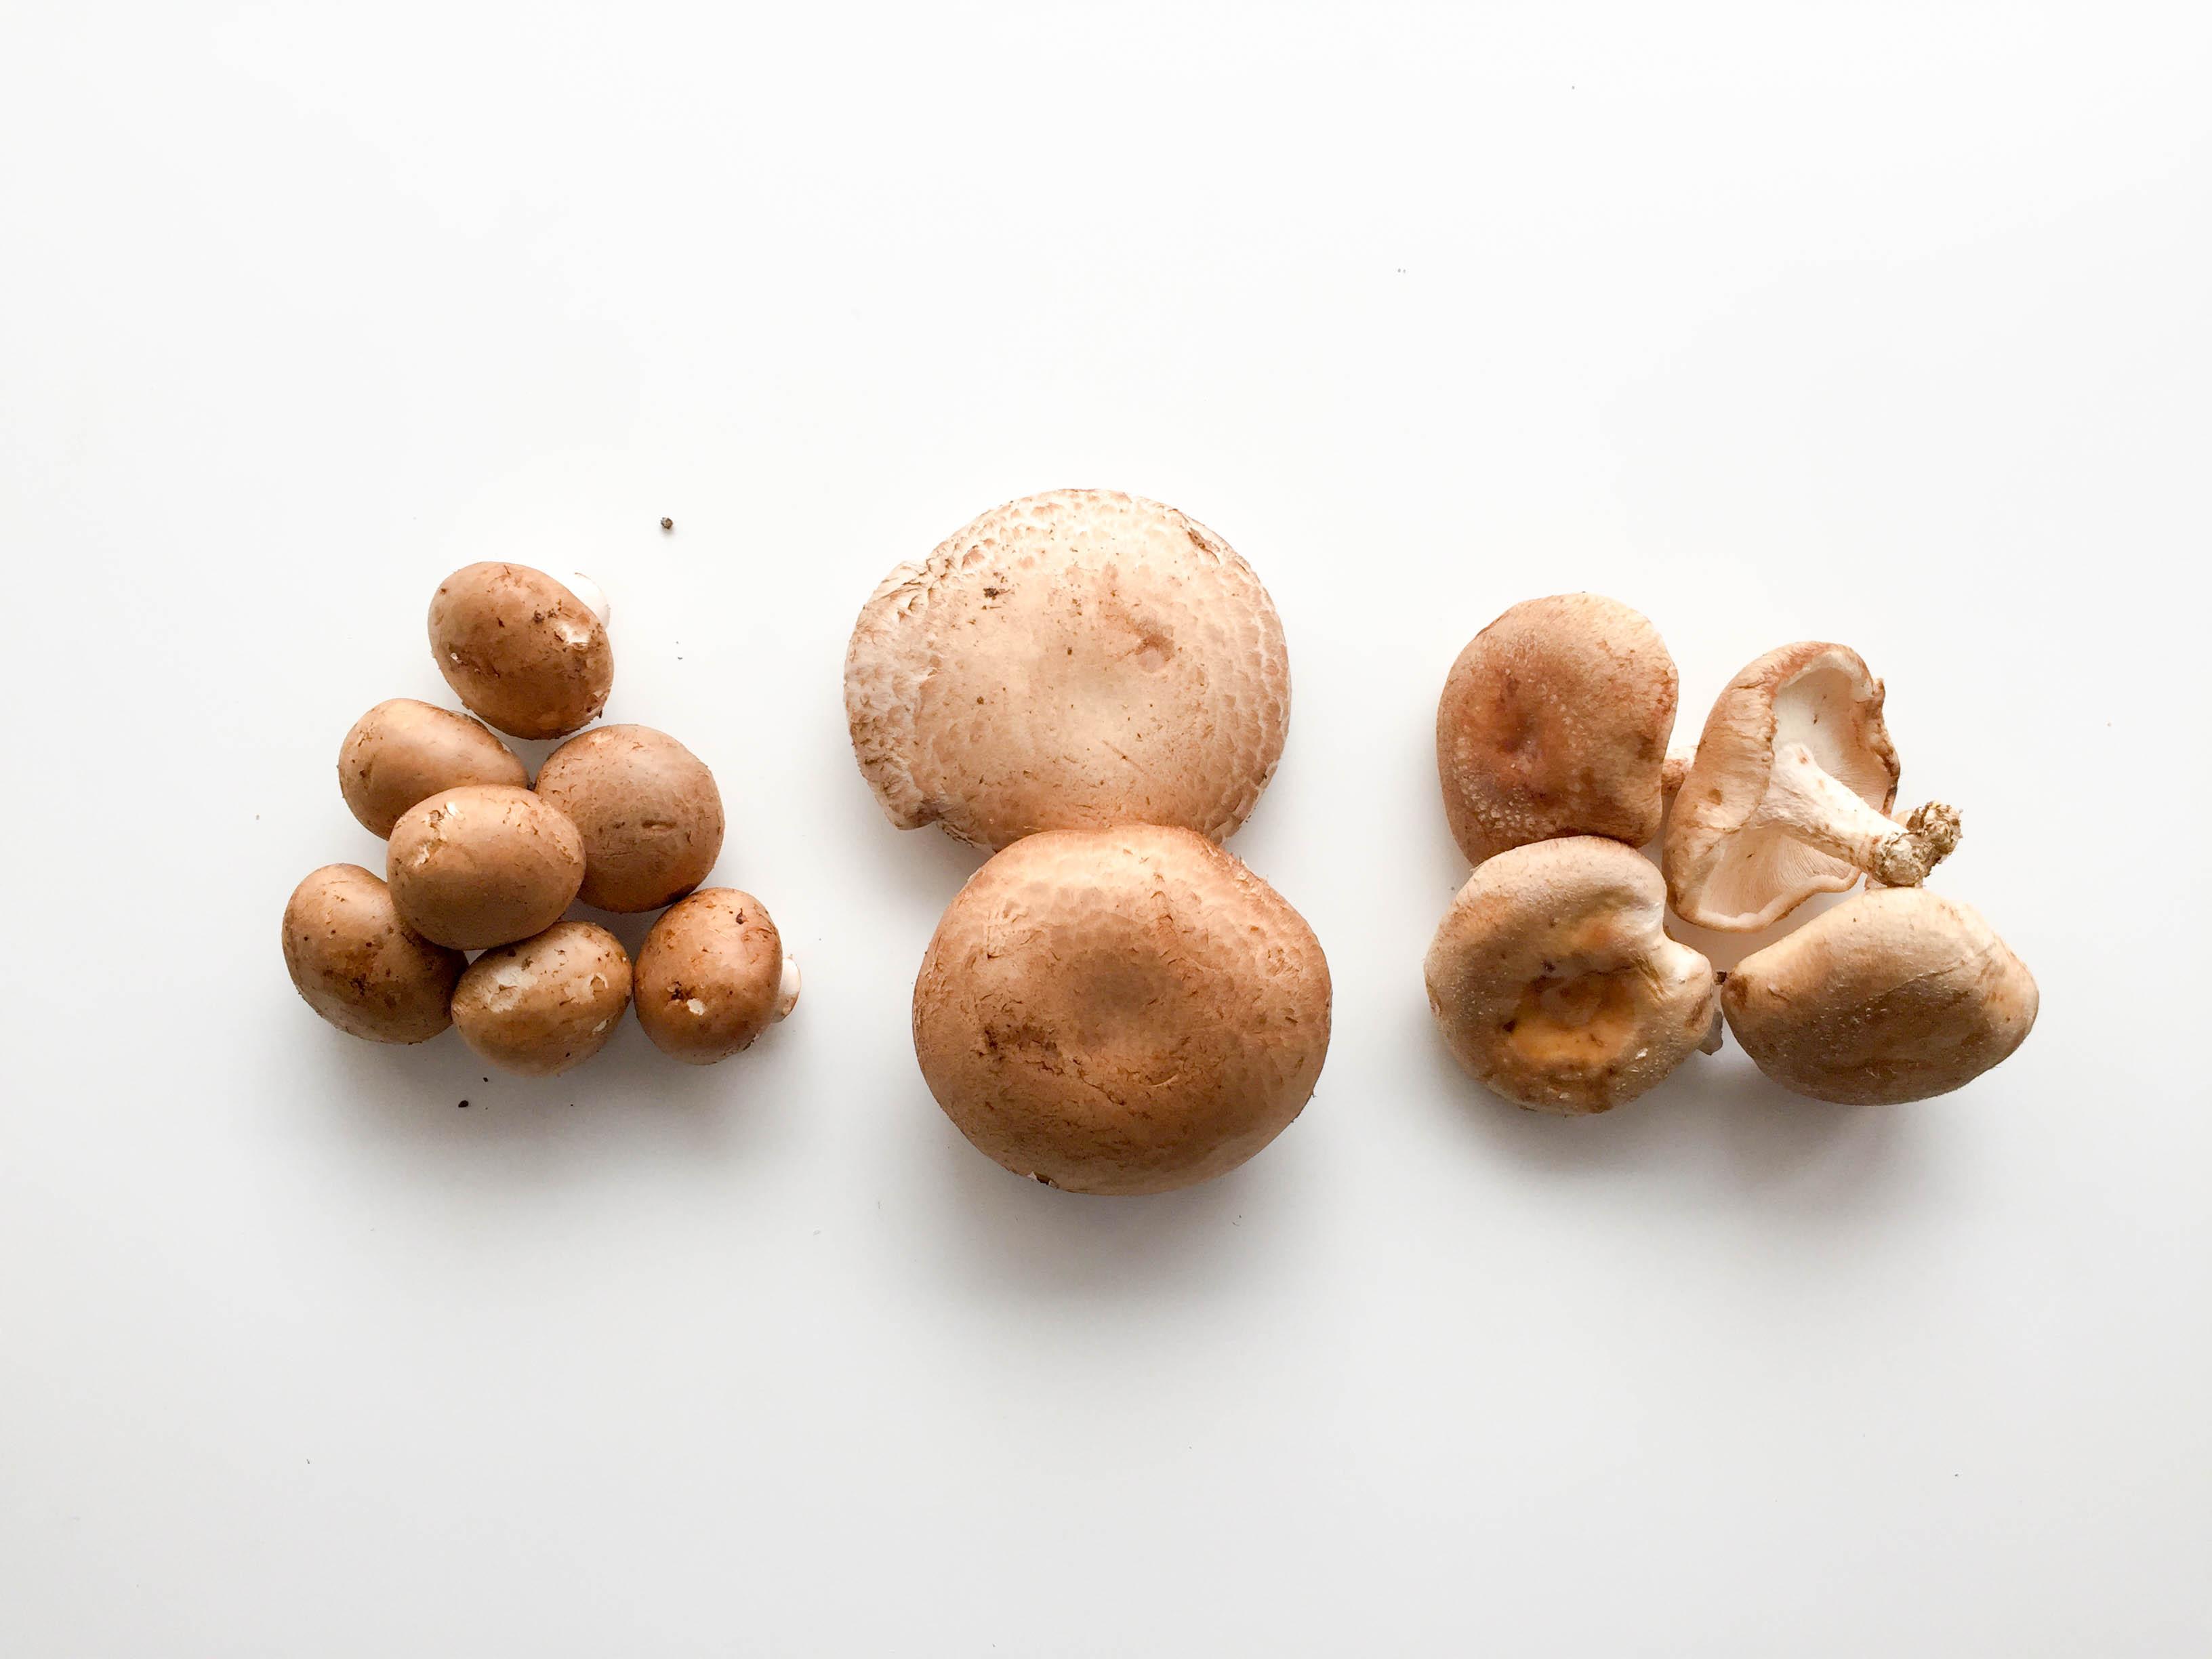 Featured Ingredient: Mushrooms